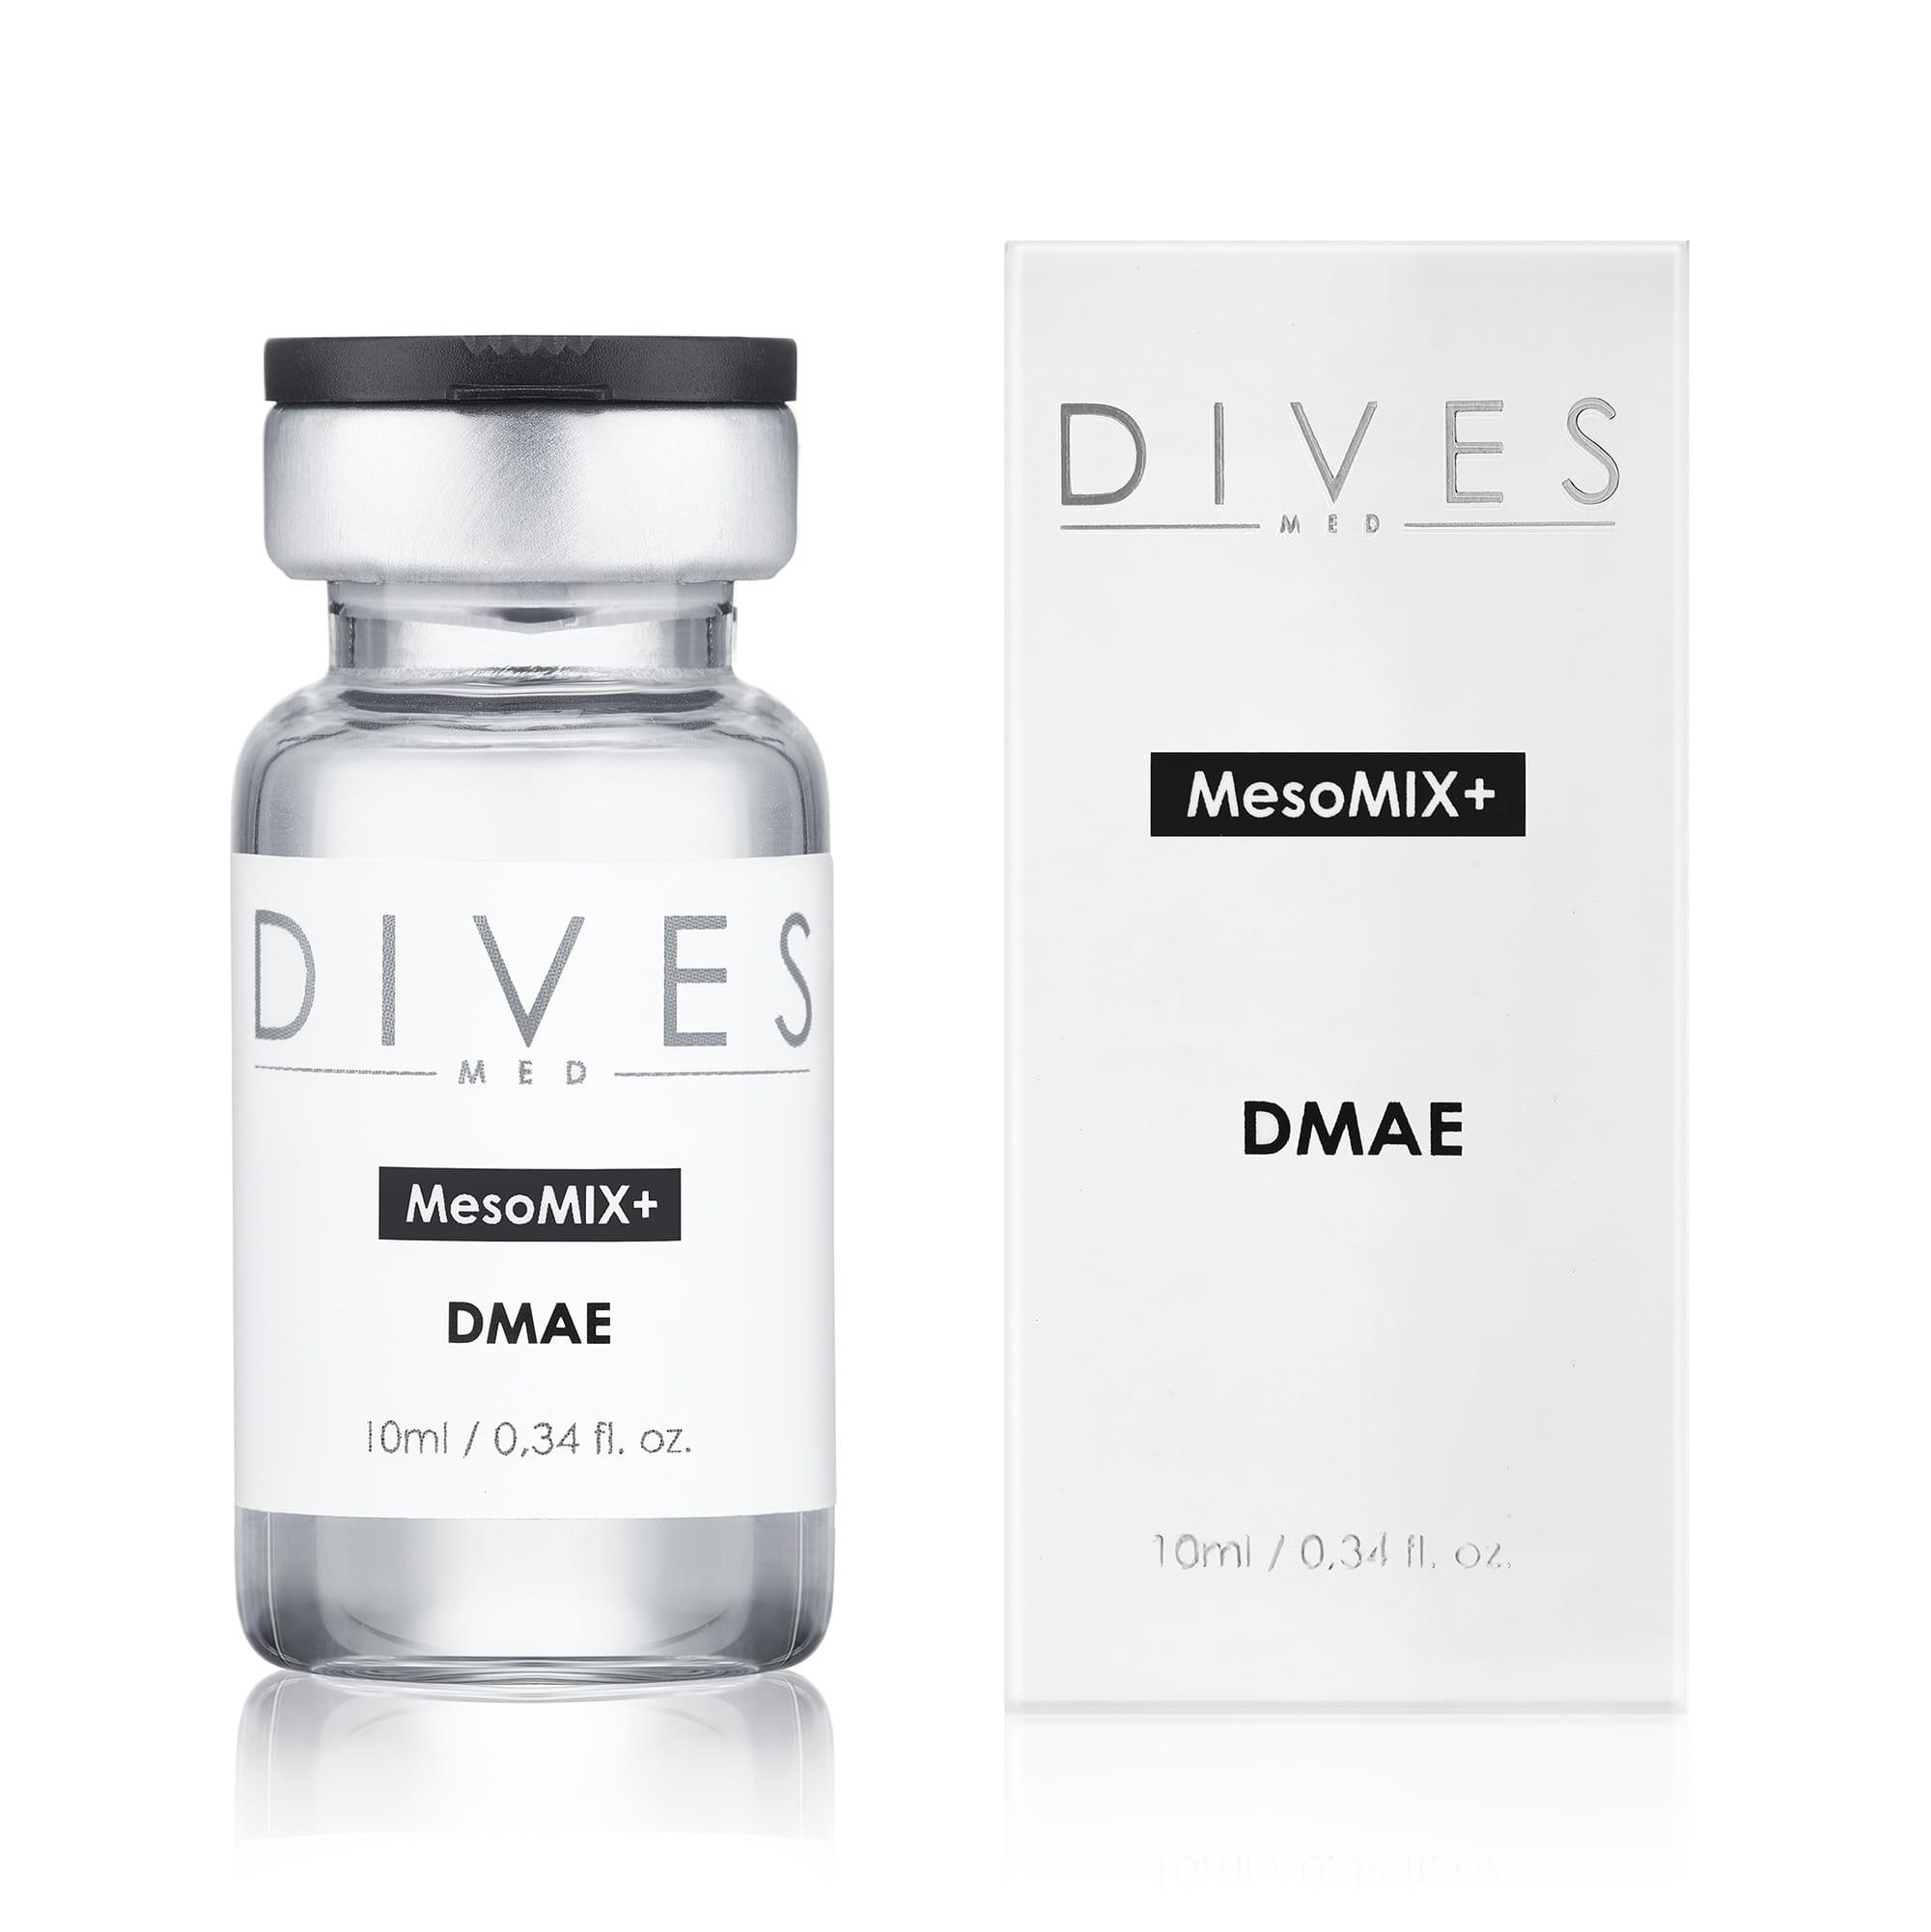 DIVES Med. DMAE 10ml (